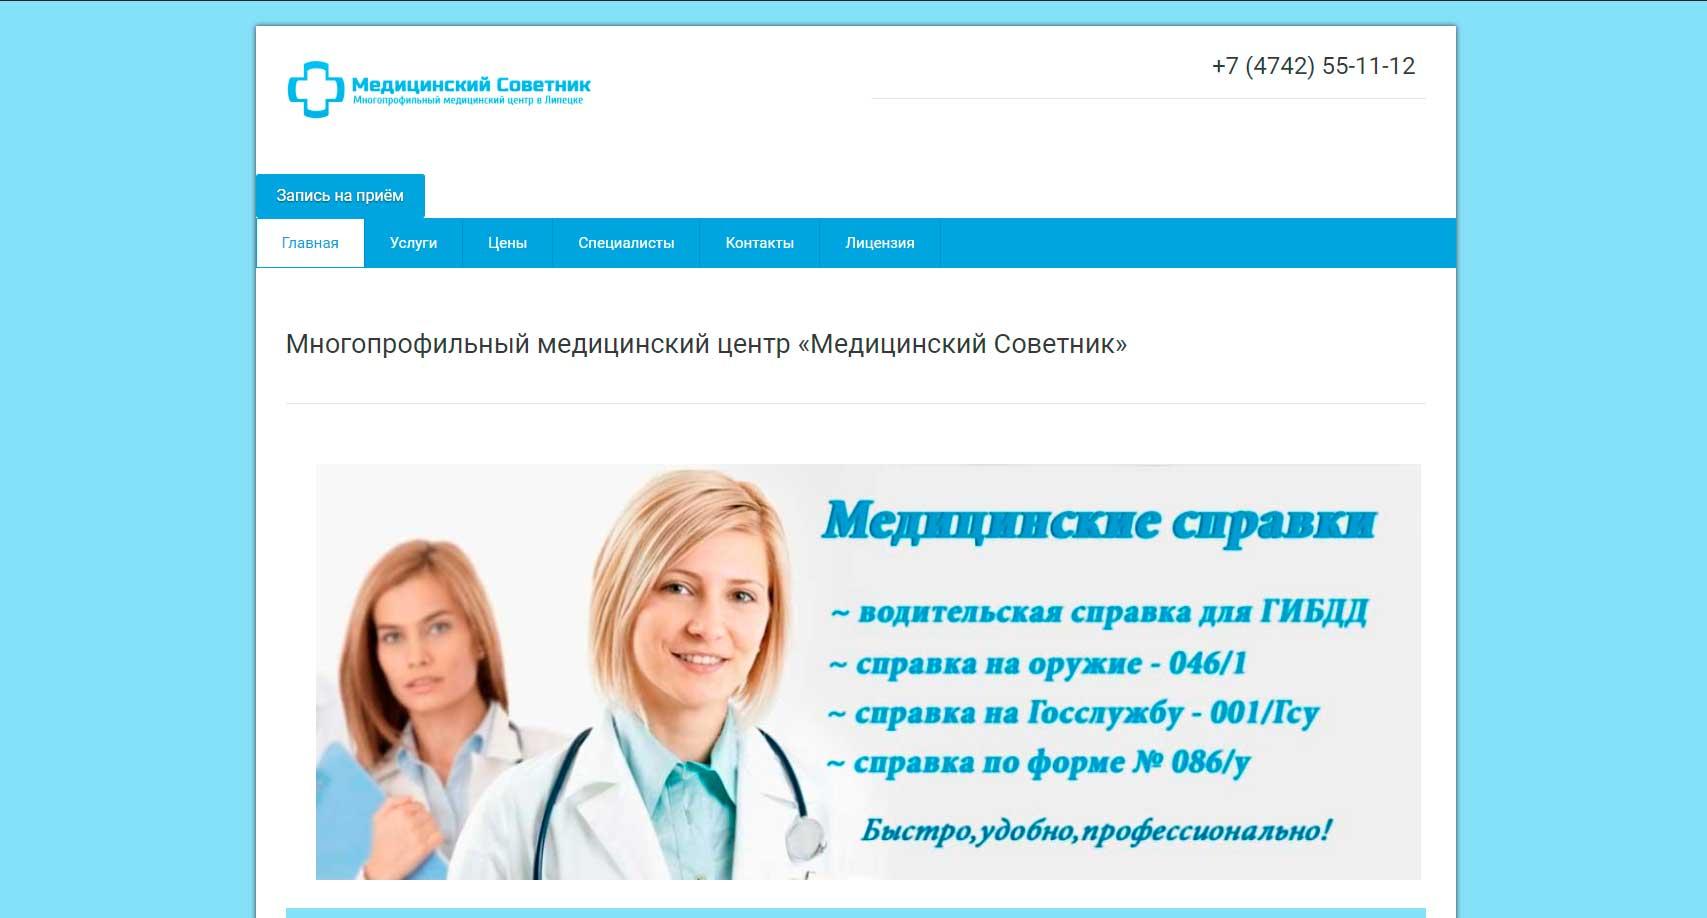 ММЦ Медицинский Советник